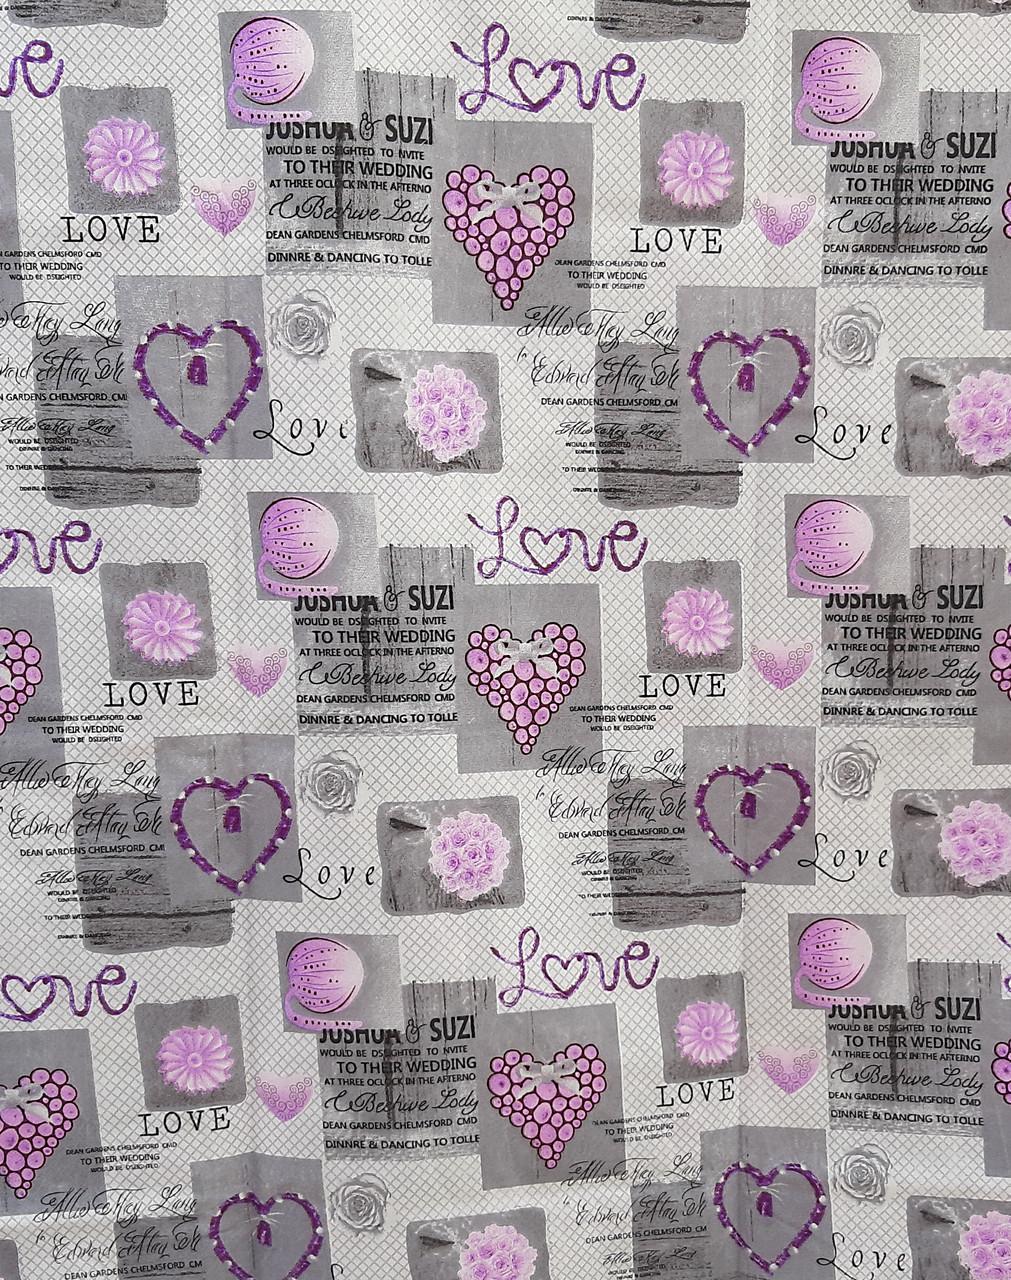 Простынь из полиэстера евроразмер Простыня на большую кровать 200х220 Сиреневые сердечки